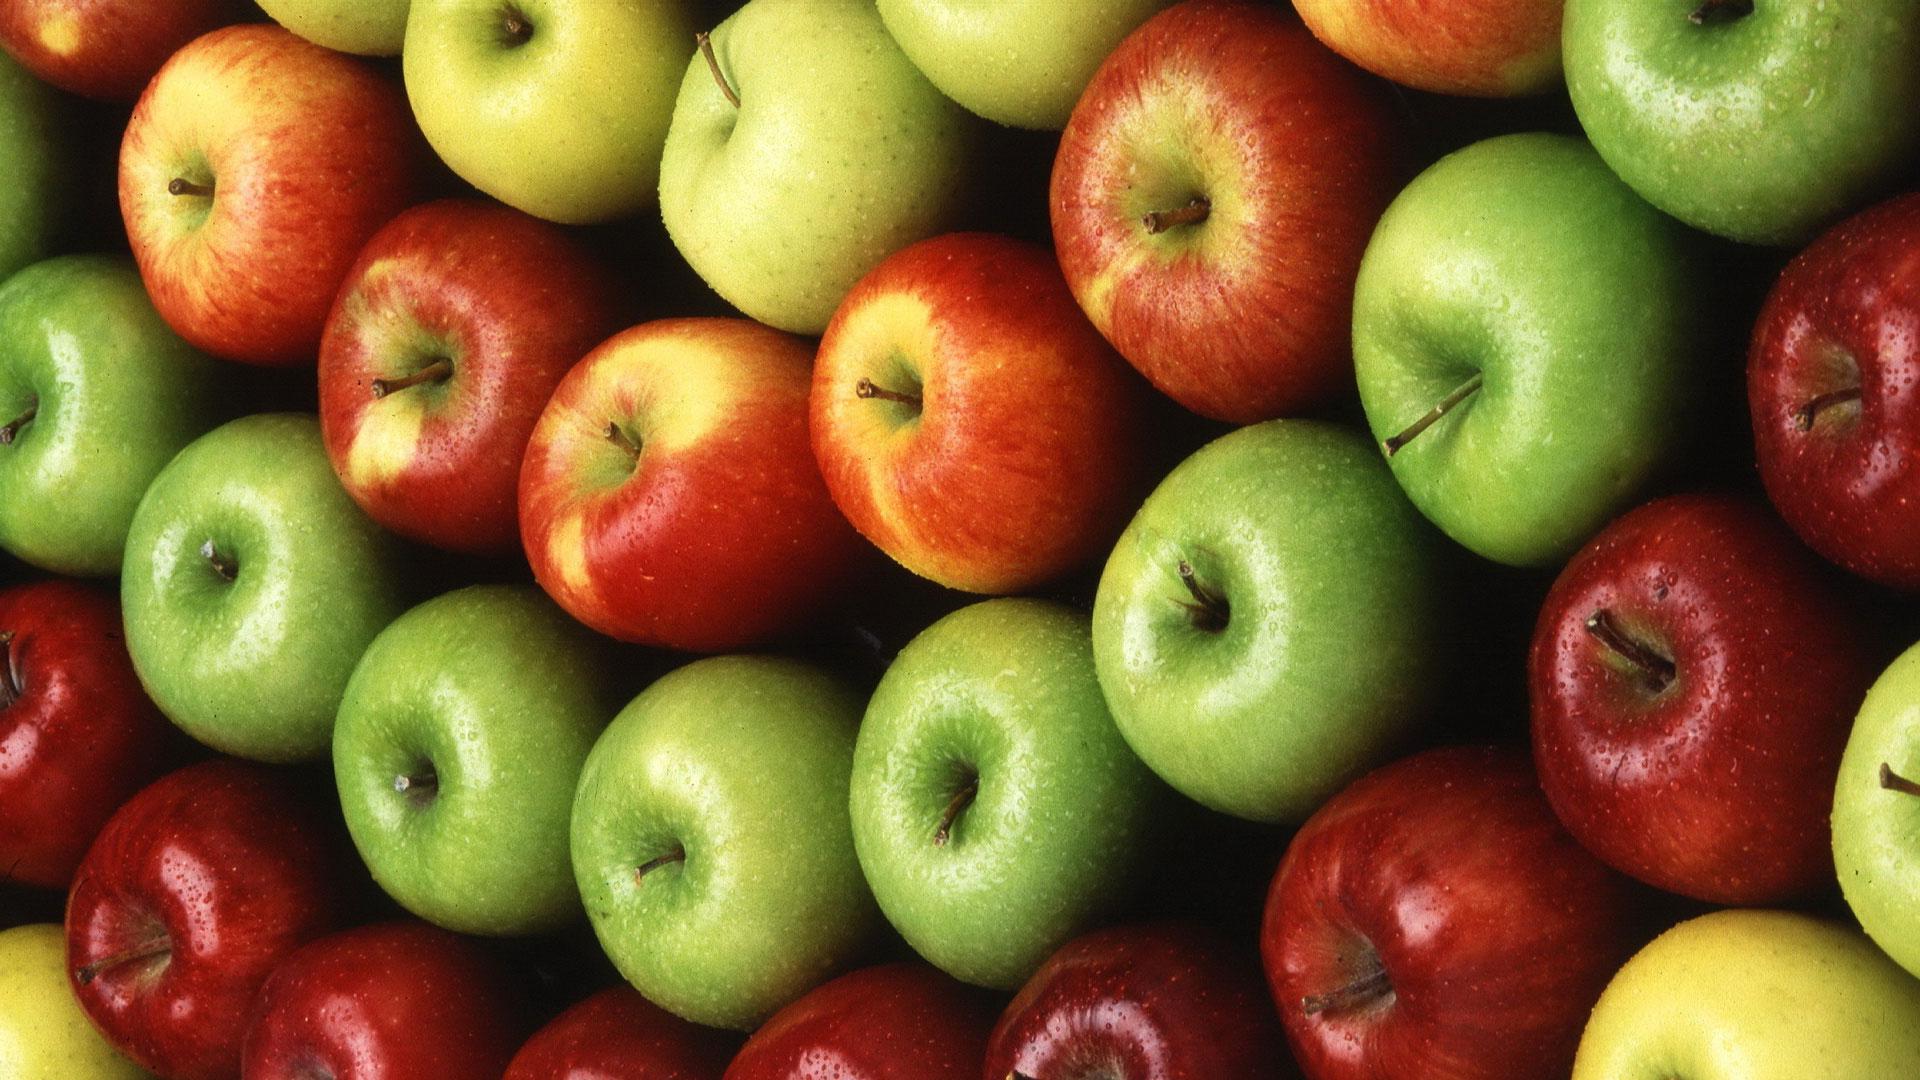 Обои на рабочий стол яблоки широкоформатные